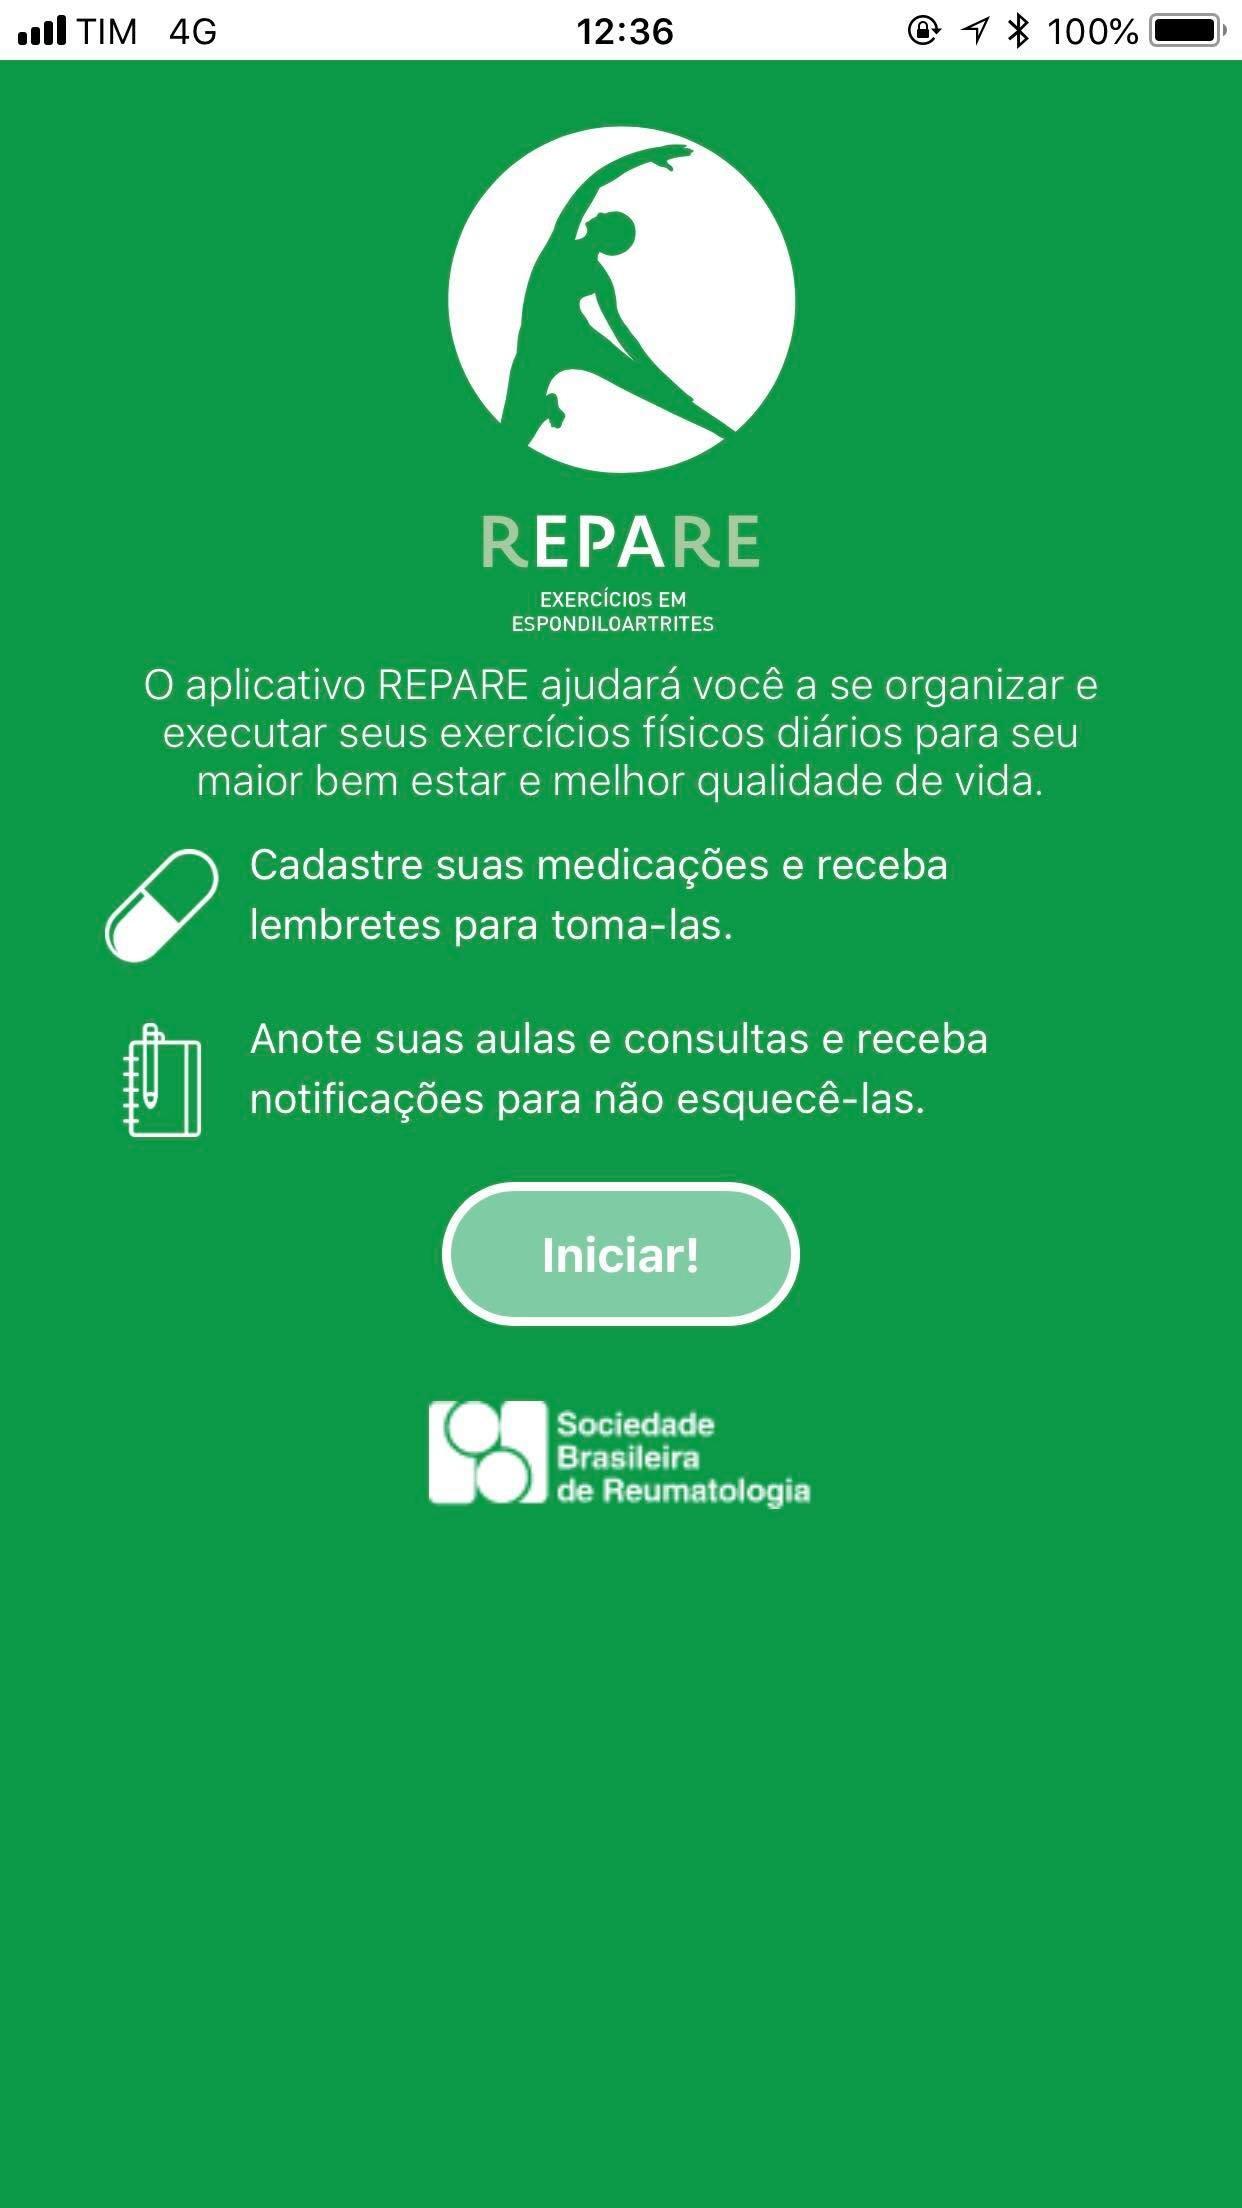 Aplicativo Repare (Foto: Reprodução)